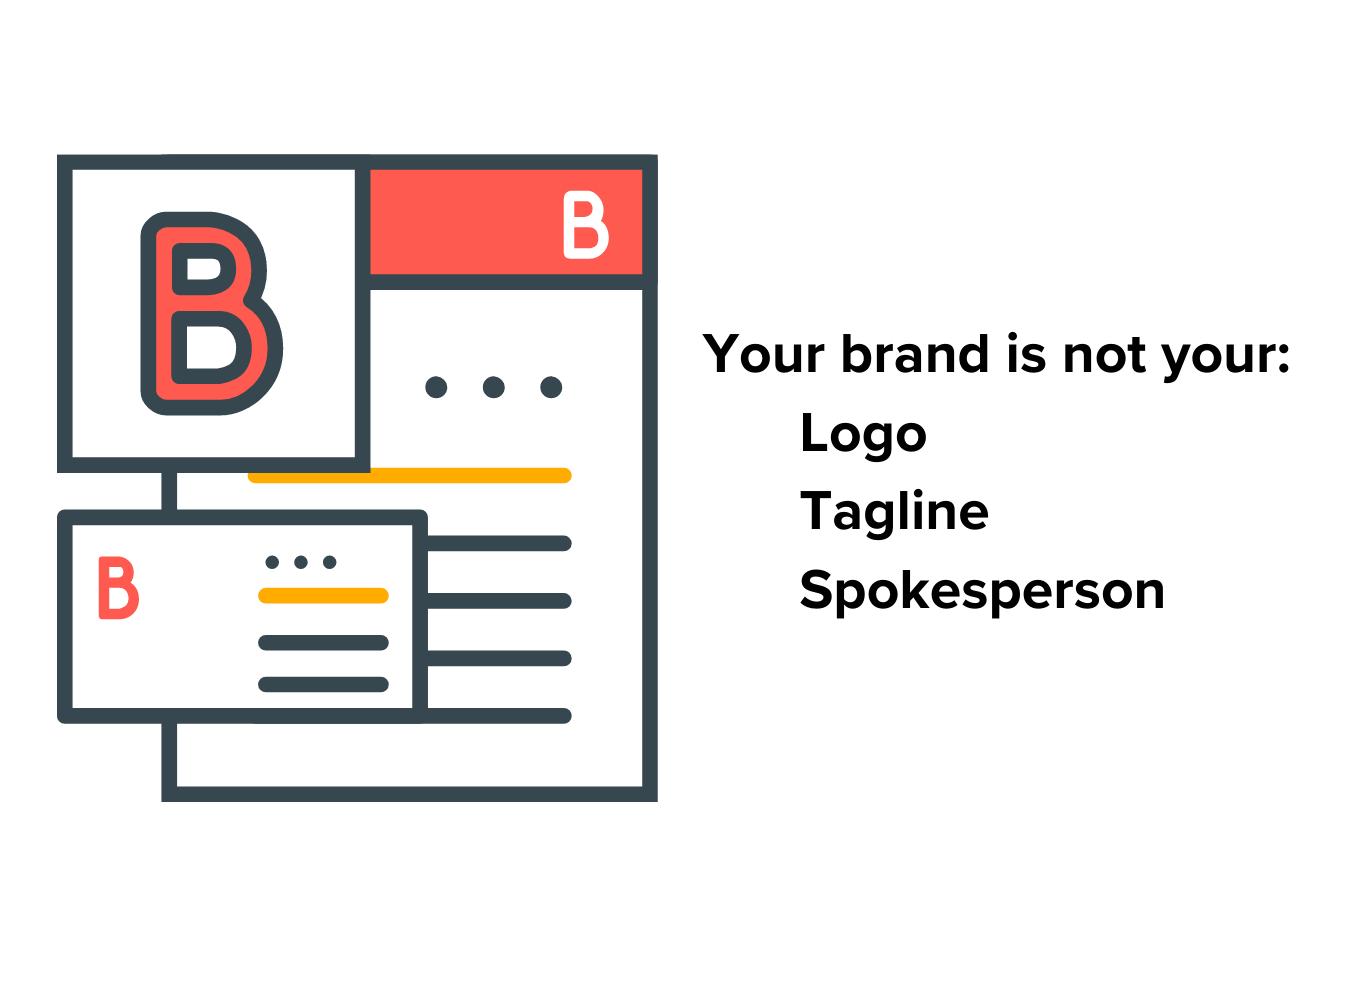 Op_Brand-is-no.png